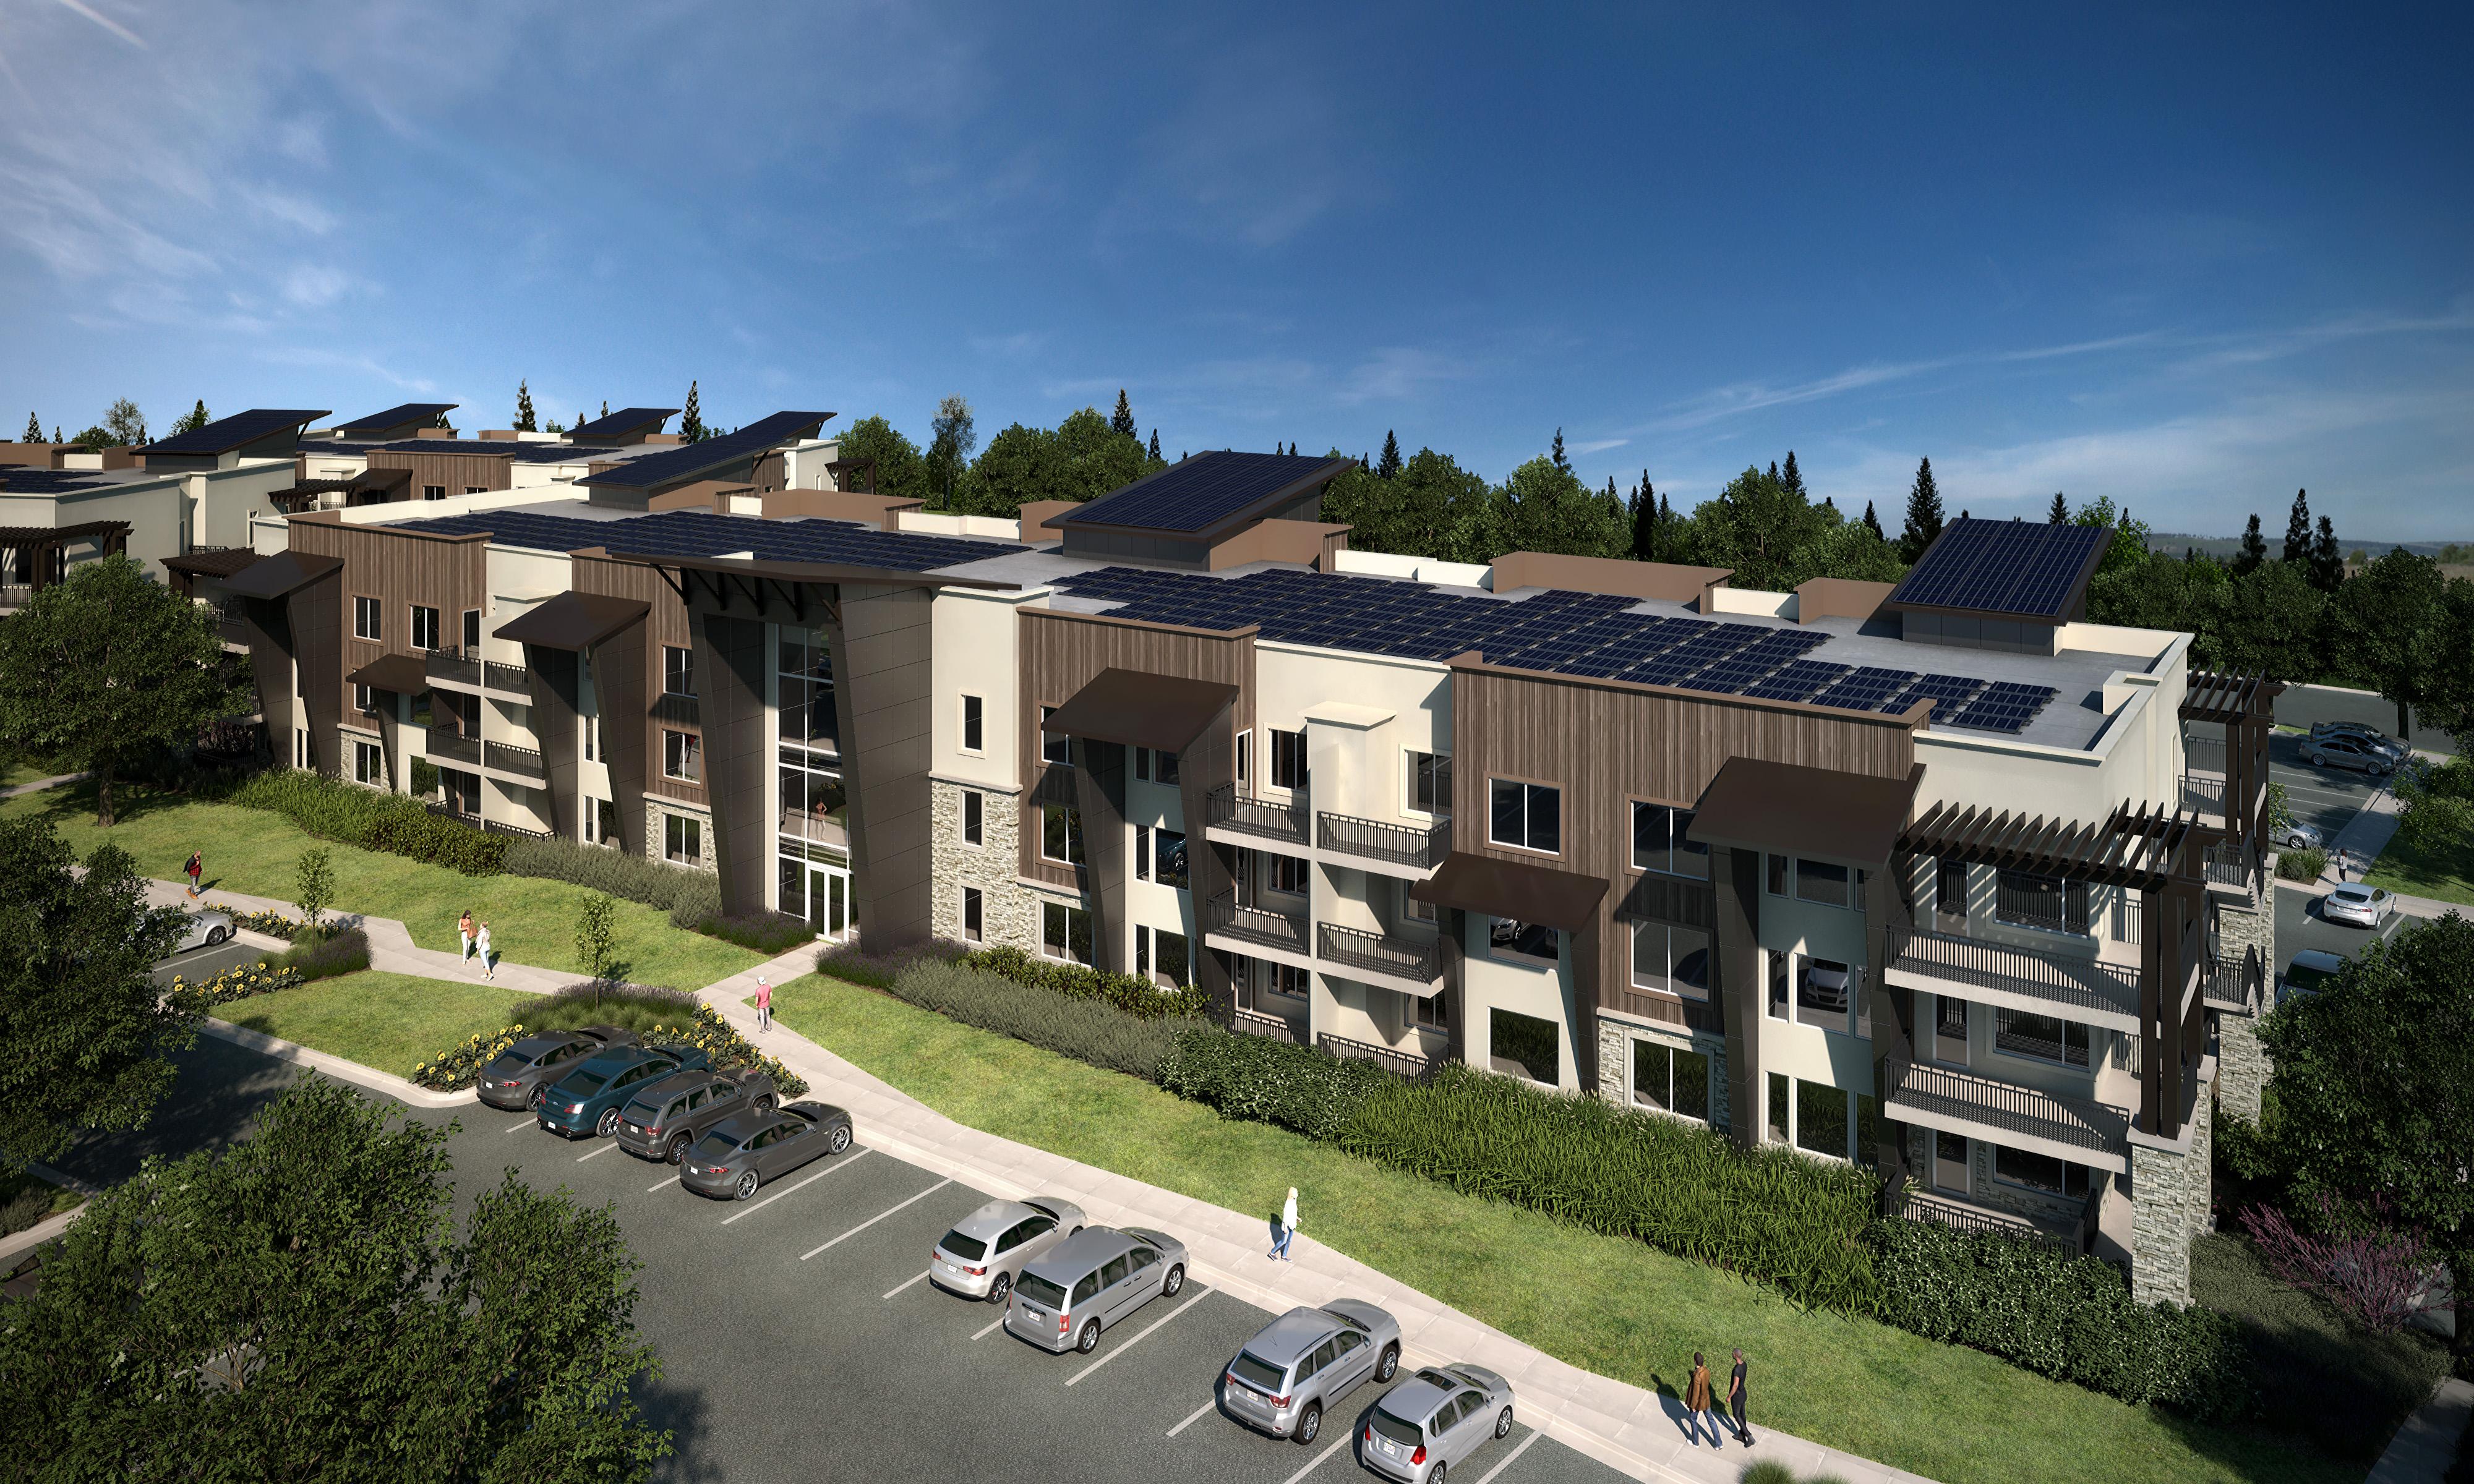 Rooftop solar power mandate in Germany sonnen